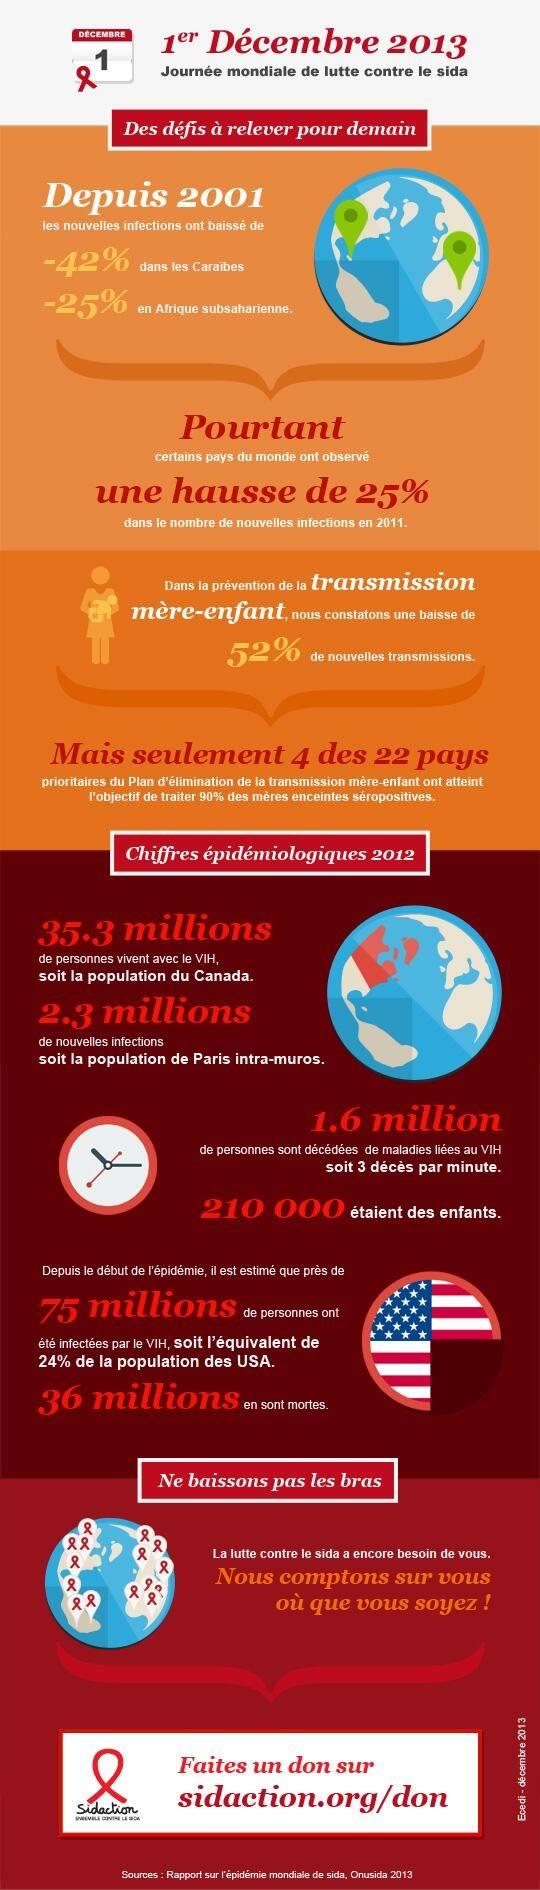 1er_decembre_2013_ infographie - image/jpeg